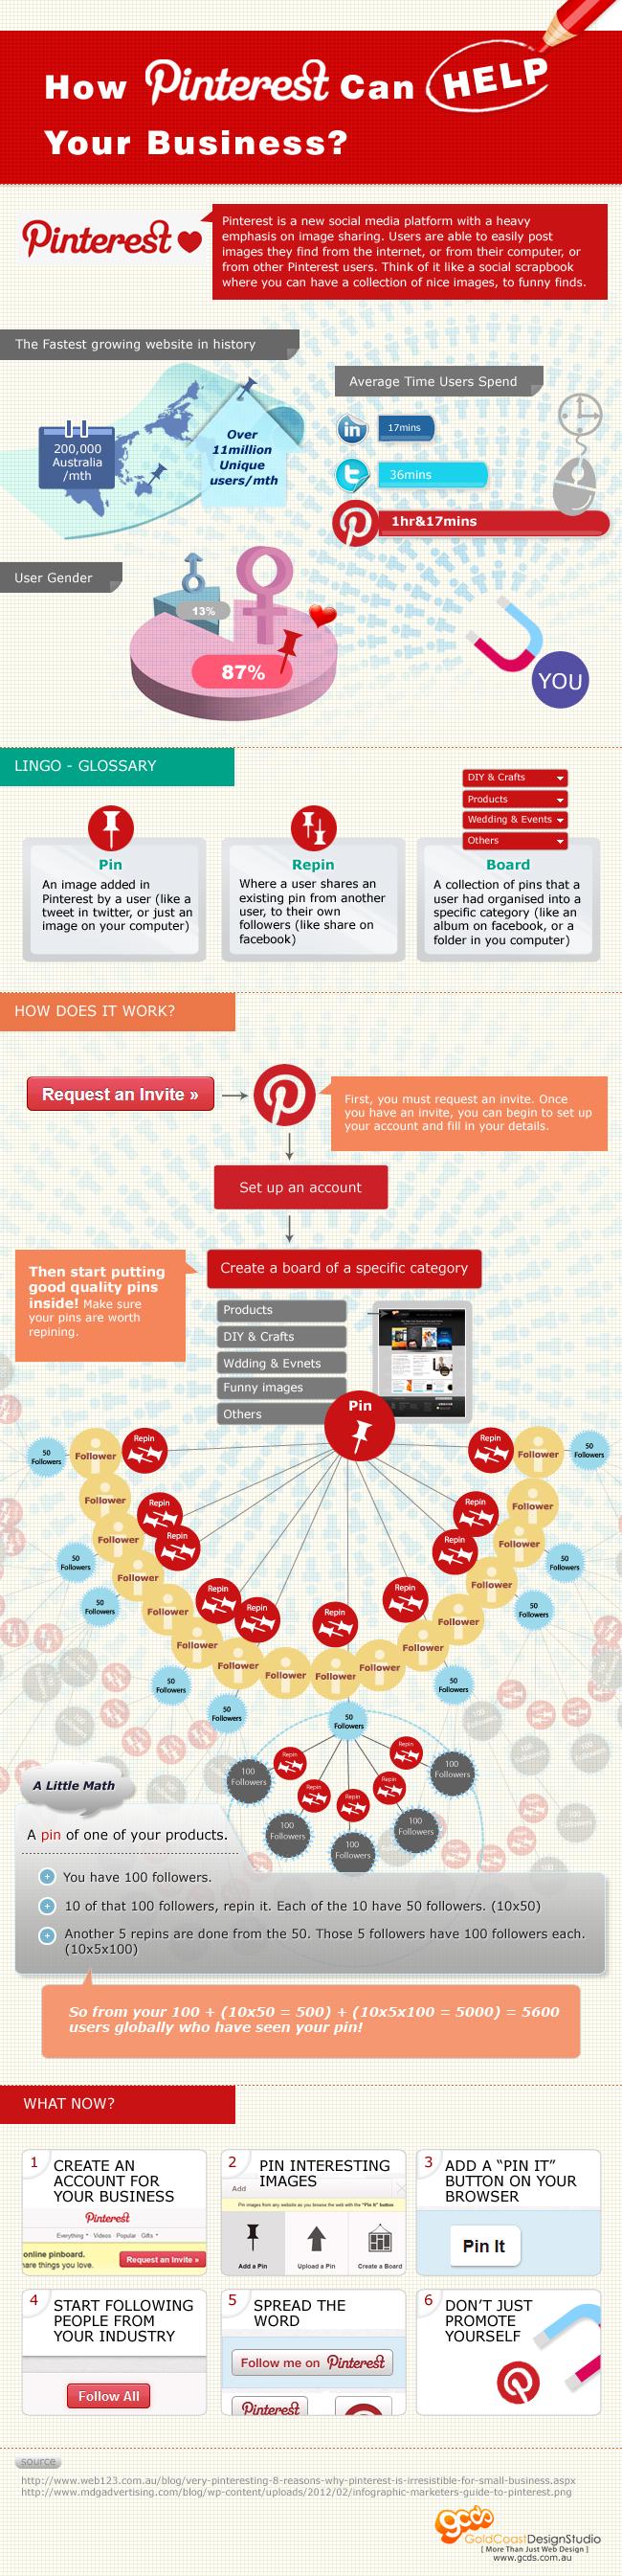 Cómo Pinteret puede ayudar a tu empresa